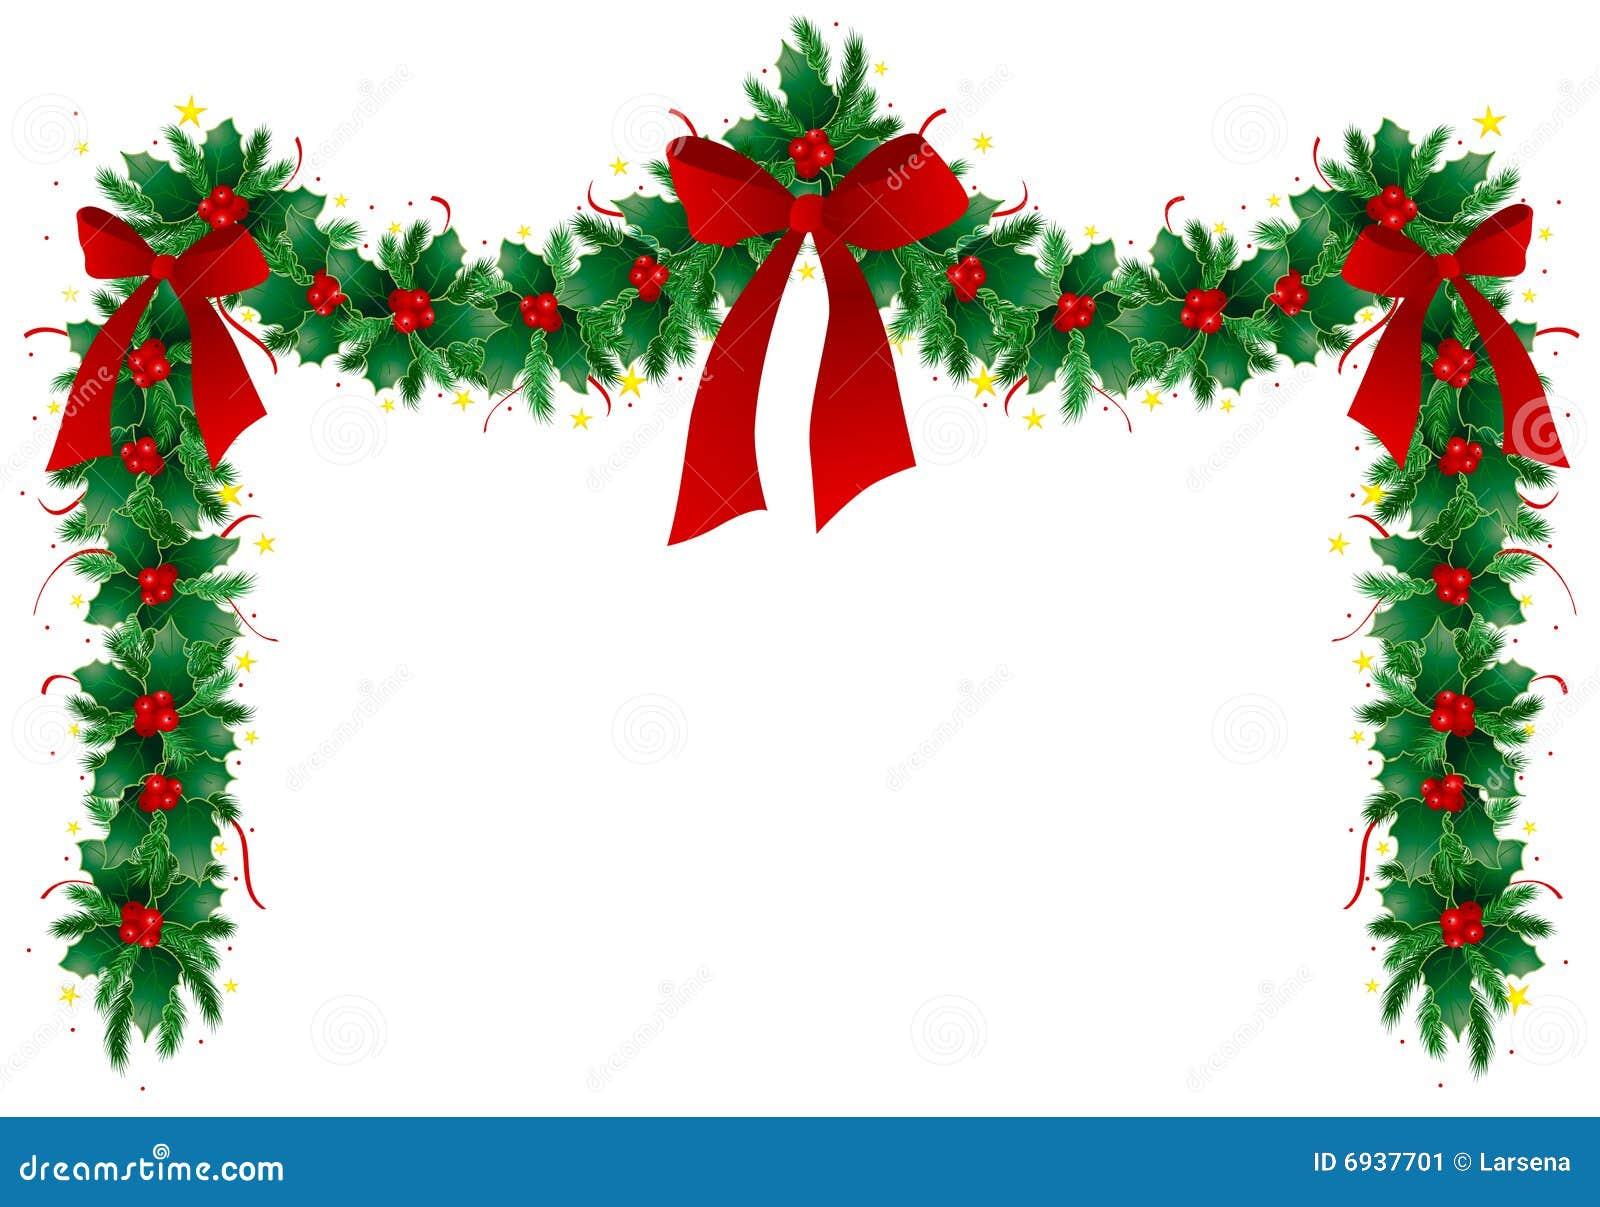 guirnalda de la navidad - Guirnalda De Navidad